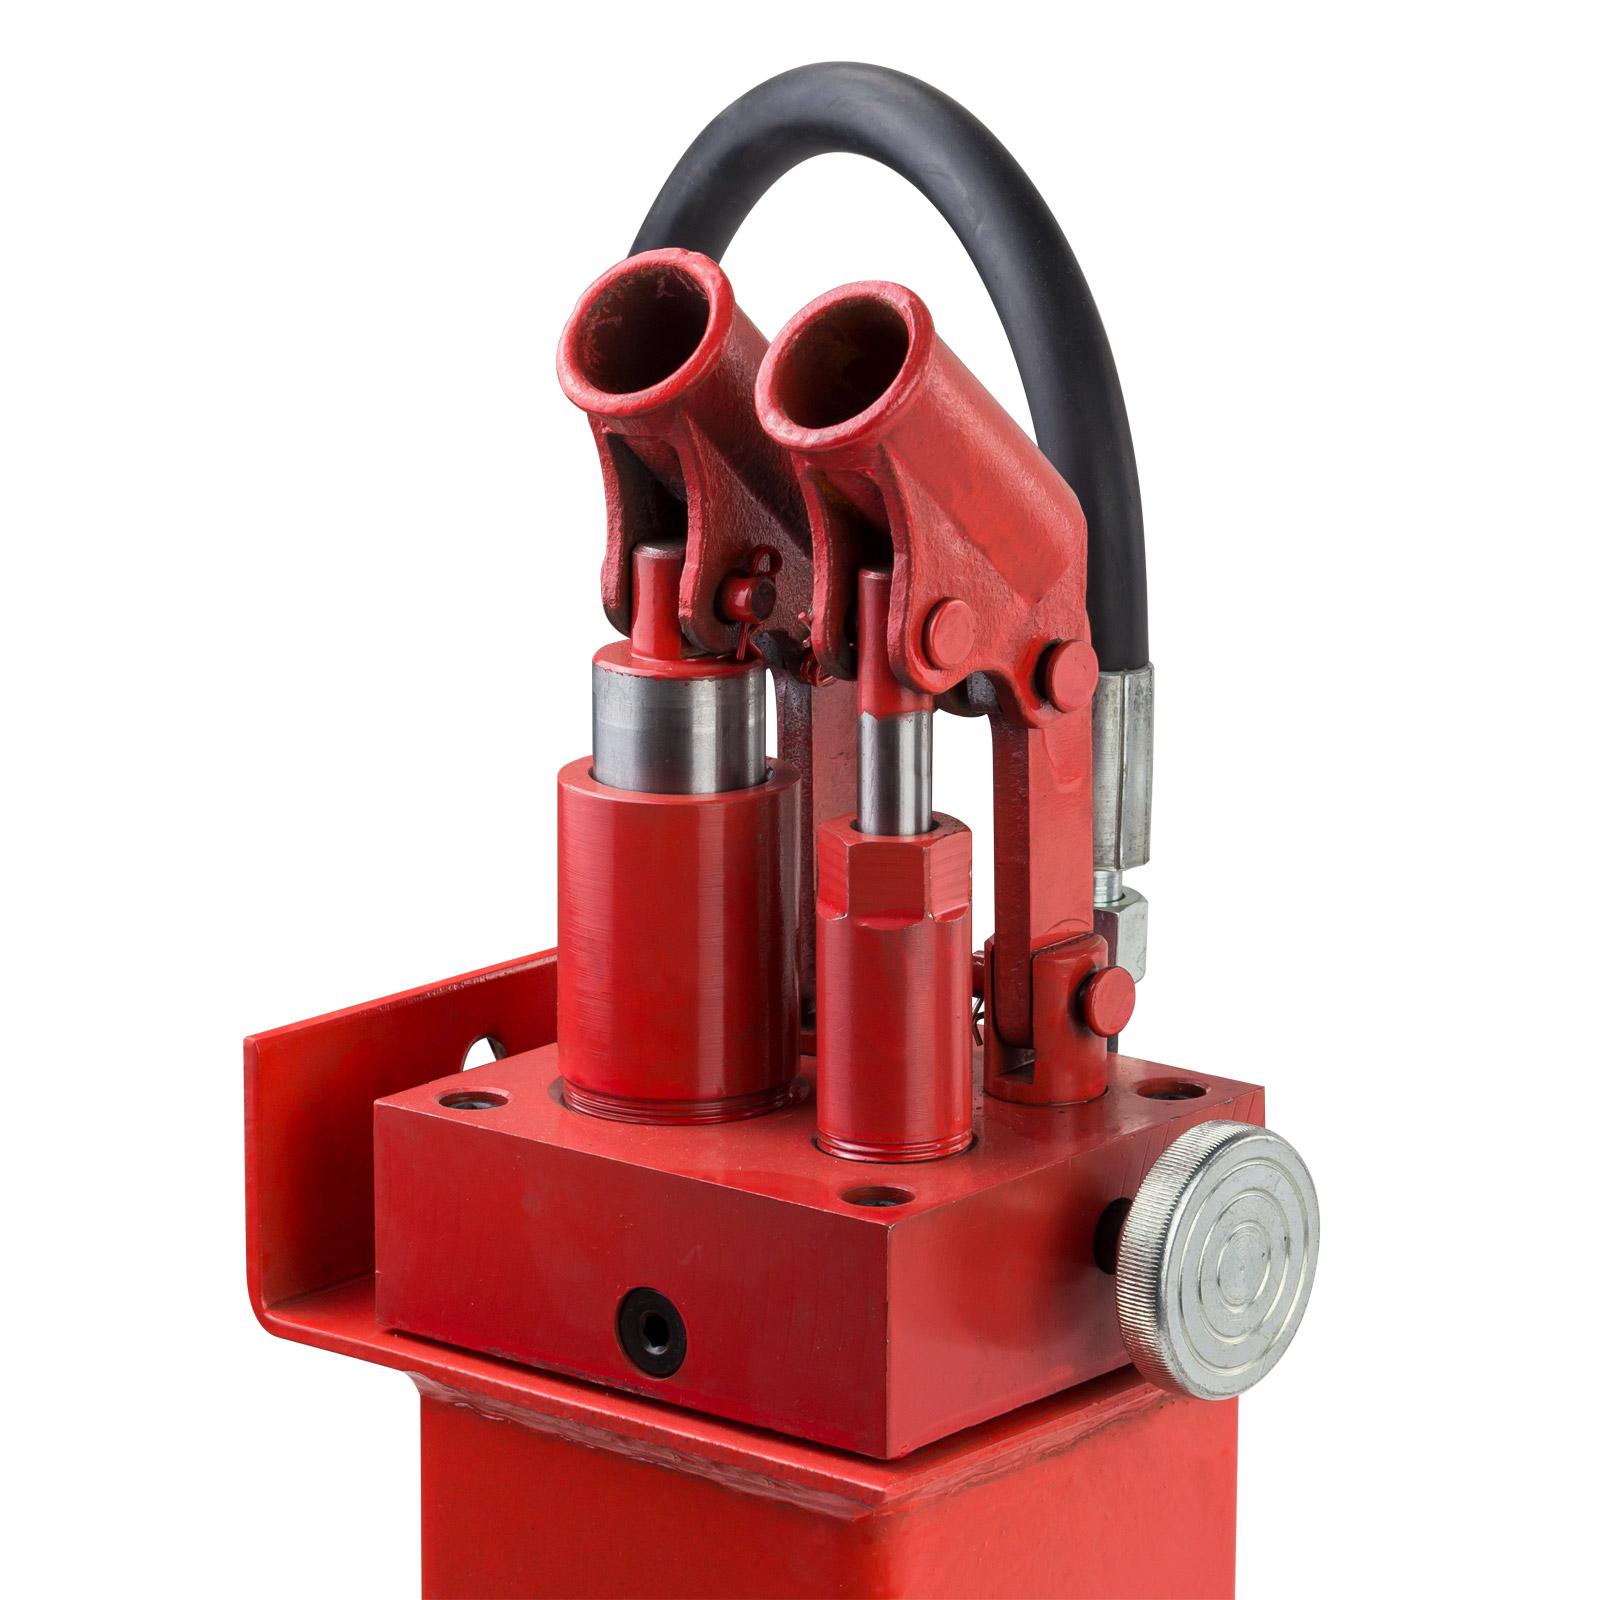 Ersatz Pumpe für hydraulische Werkstattpresse 30 to